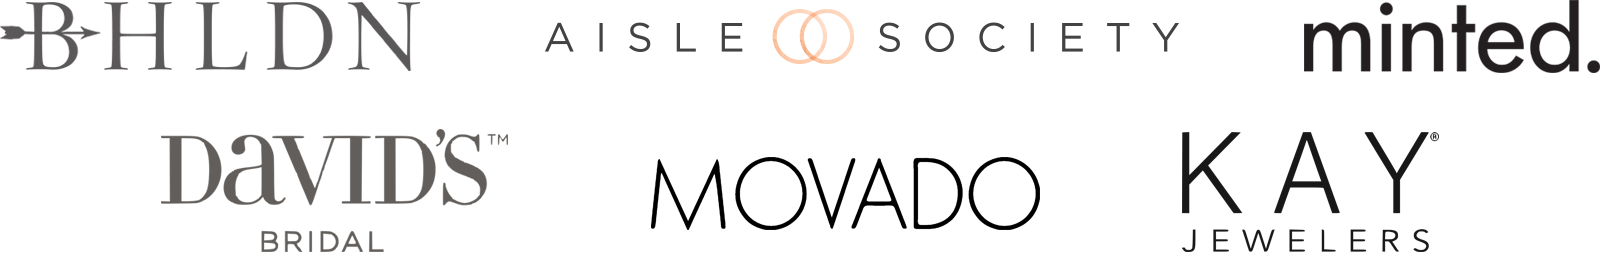 LIL brands